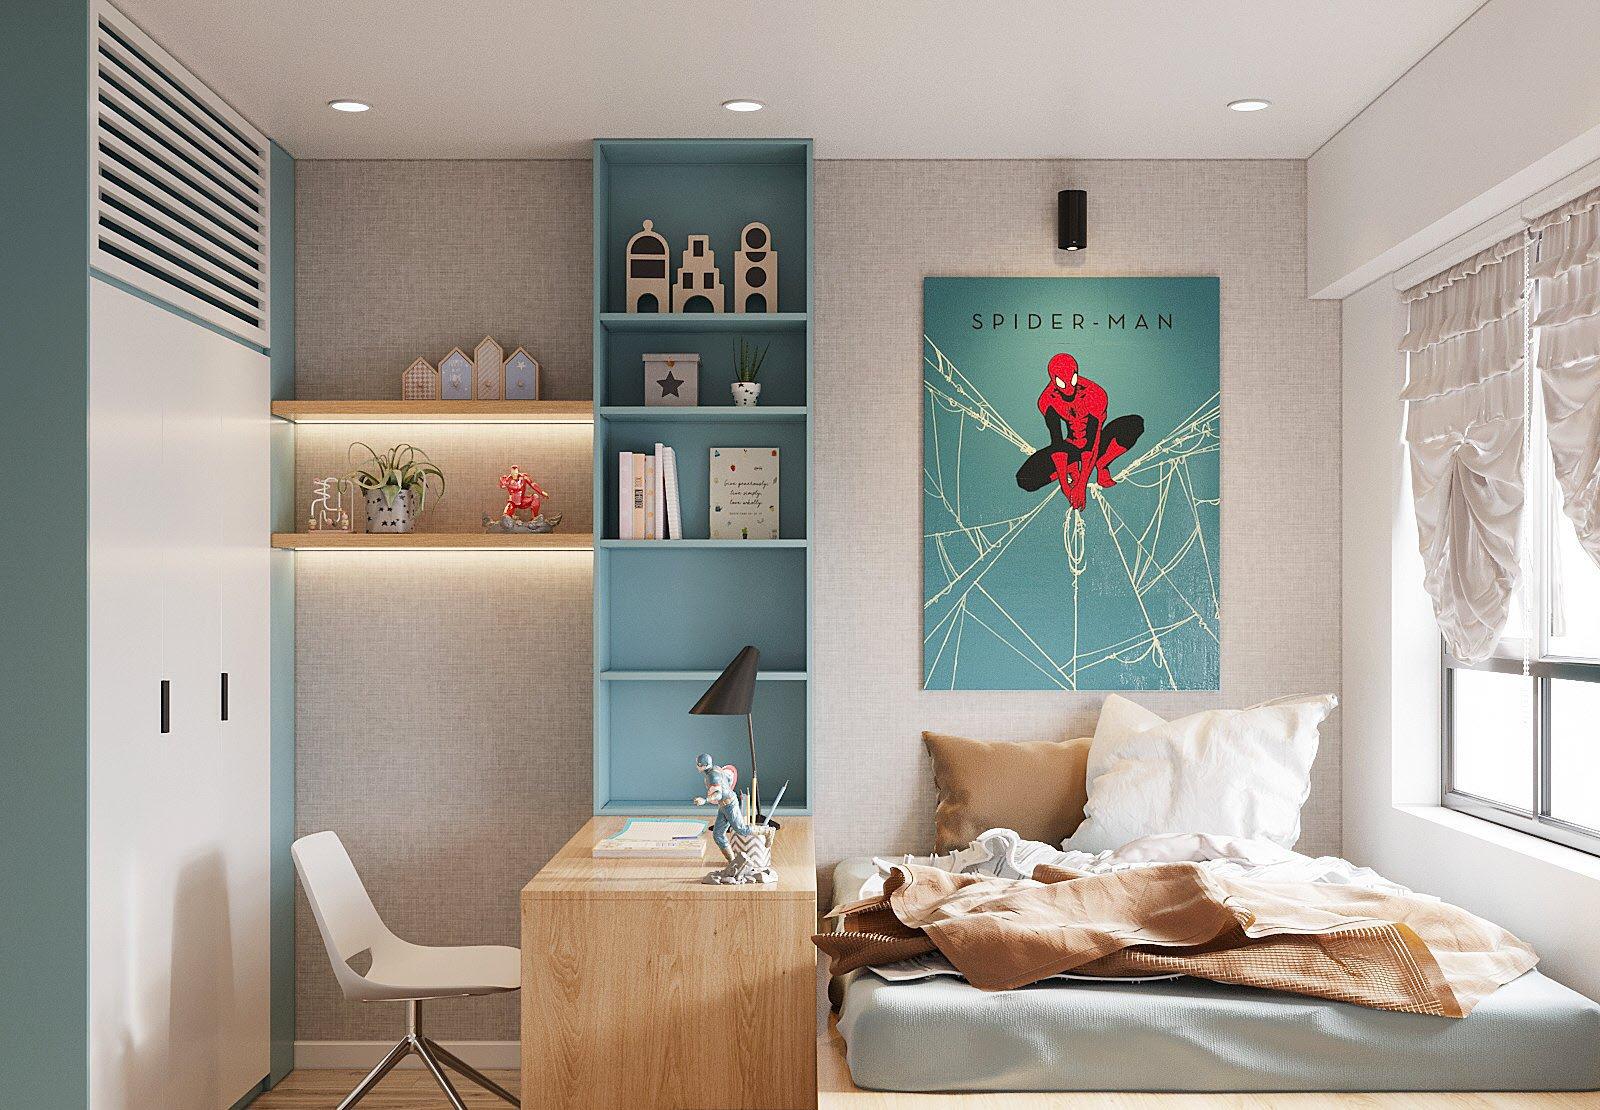 góc phòng ngủ bé trai màu xanh da trời với điểm nhấn là hình ảnh siêu nhân người nhện